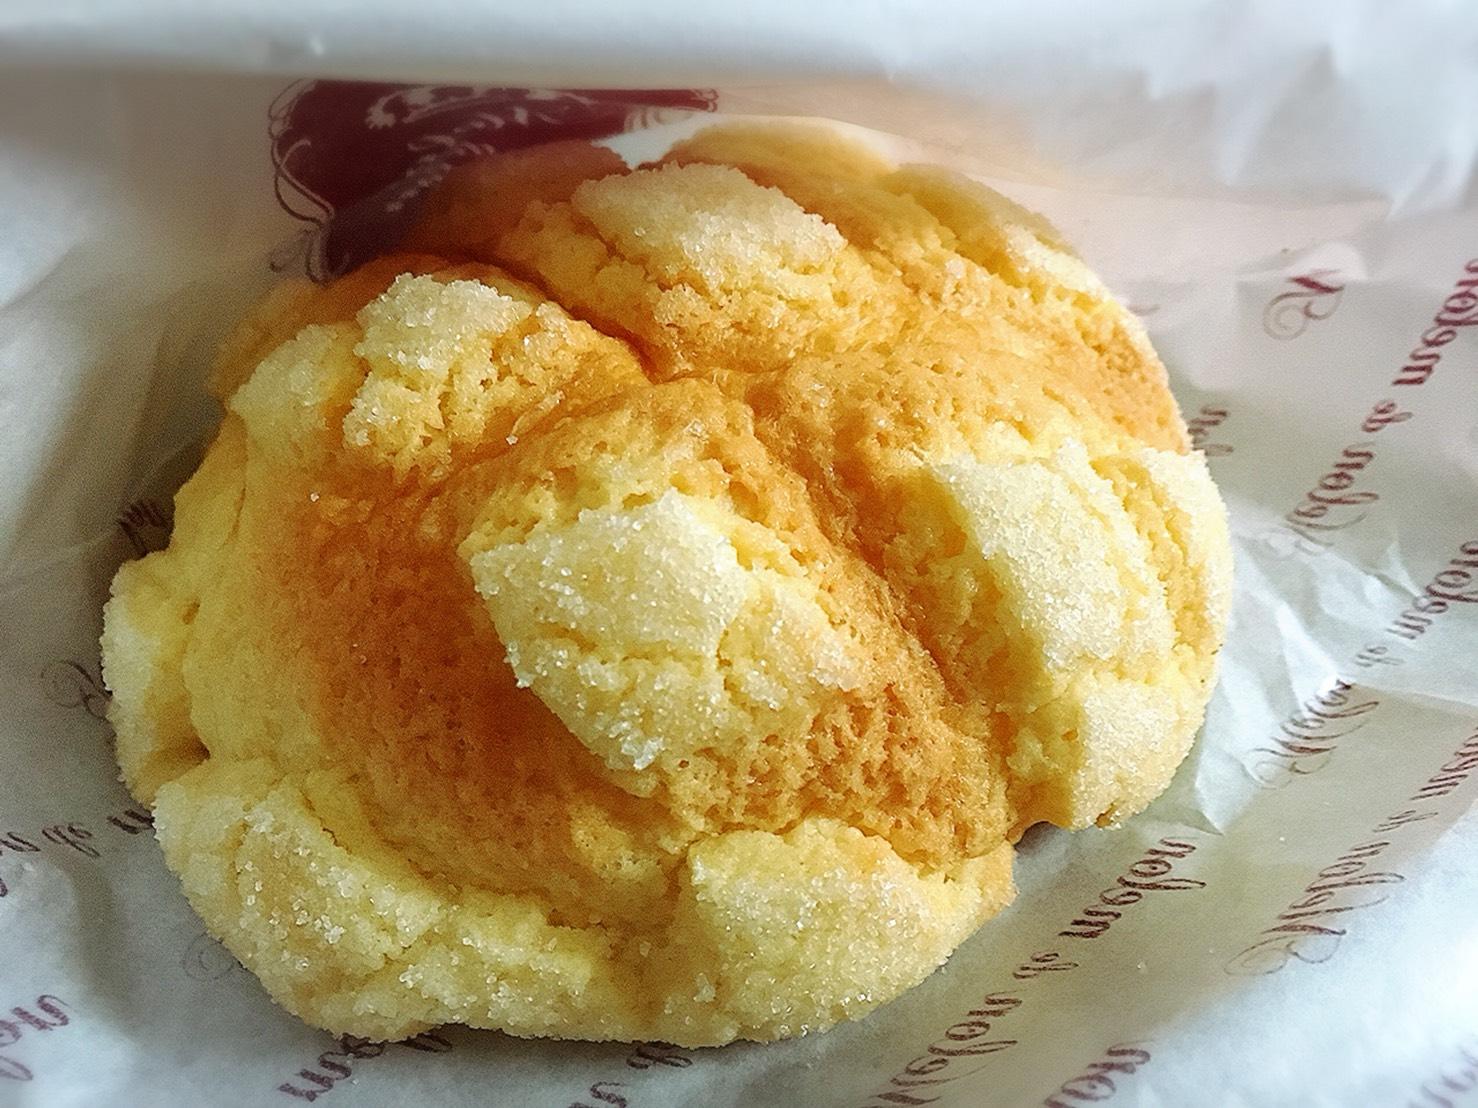 【大塚駅】「メロン・ドゥ・メロン」カリカリふわふわメロンパン。惣菜パンも美味しいよ。